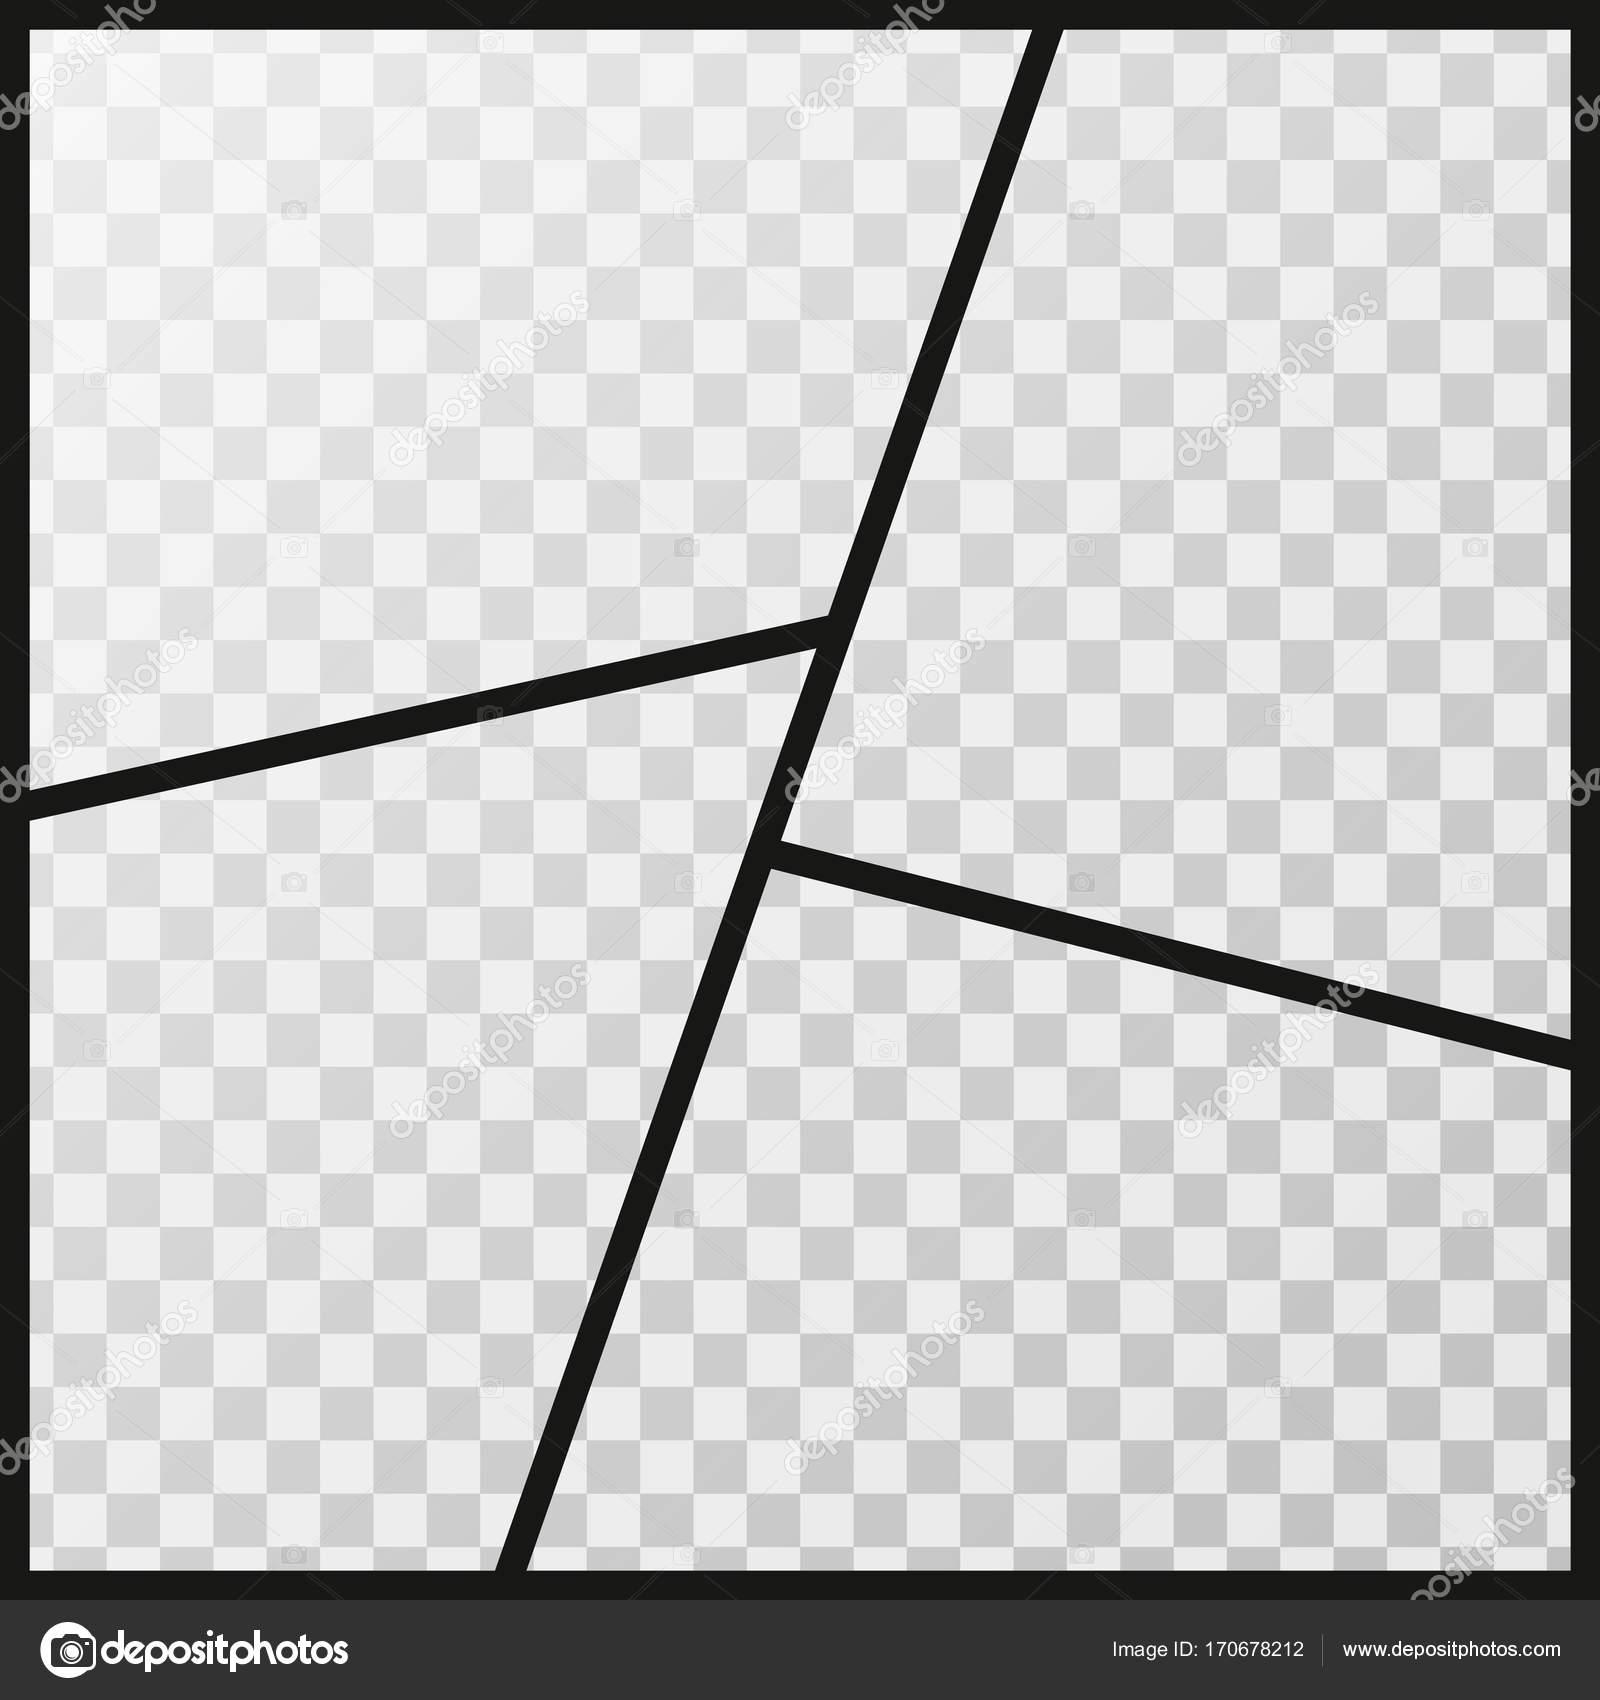 Vektor-Bilder-Foto-Collage isoliert auf einem transparenten ...